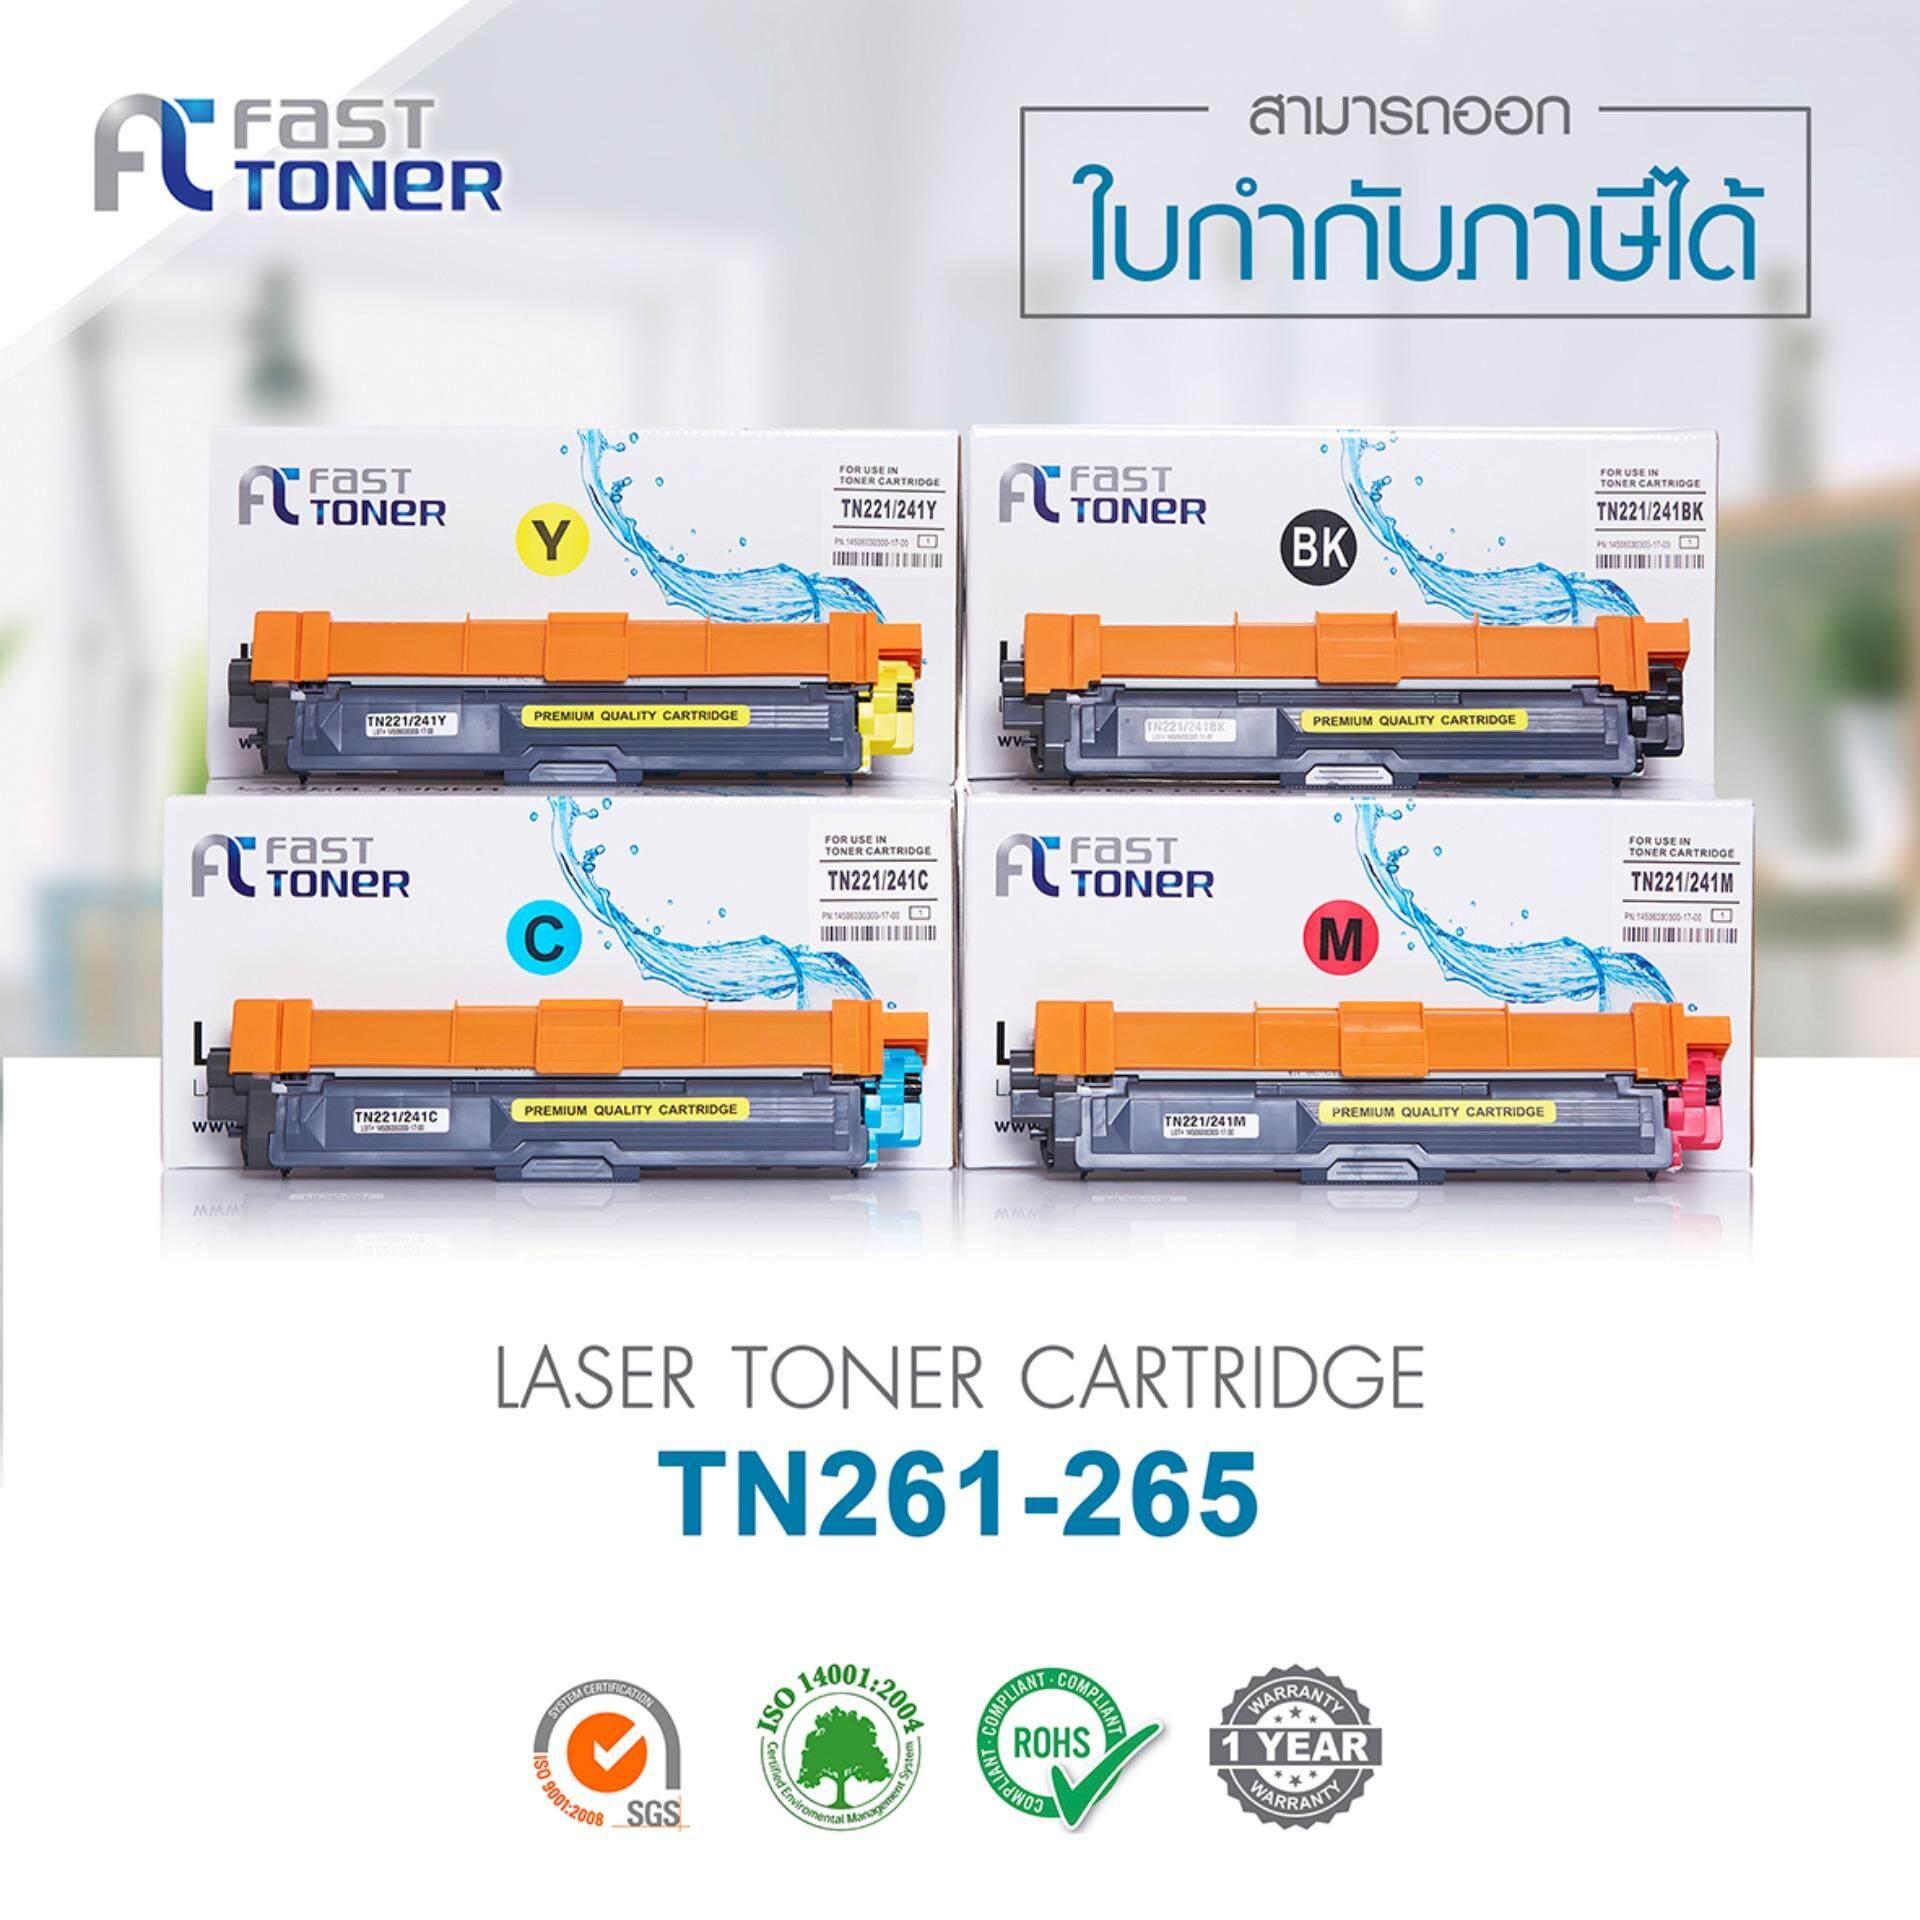 ขาย ซื้อ ออนไลน์ Fast Toner ตลับหมึกเทียบเท่า Brother Tn 261 Bk C Y M สำหรับปริ๊นเตอร์เลเซอร์ Brother Hl 3140Cw Hl 3150Cdw ปริมาณการพิมพ์ สีดำ 2 500 แผ่น สีฟ้า เหลือง แดง สีละ 2200 แผ่น